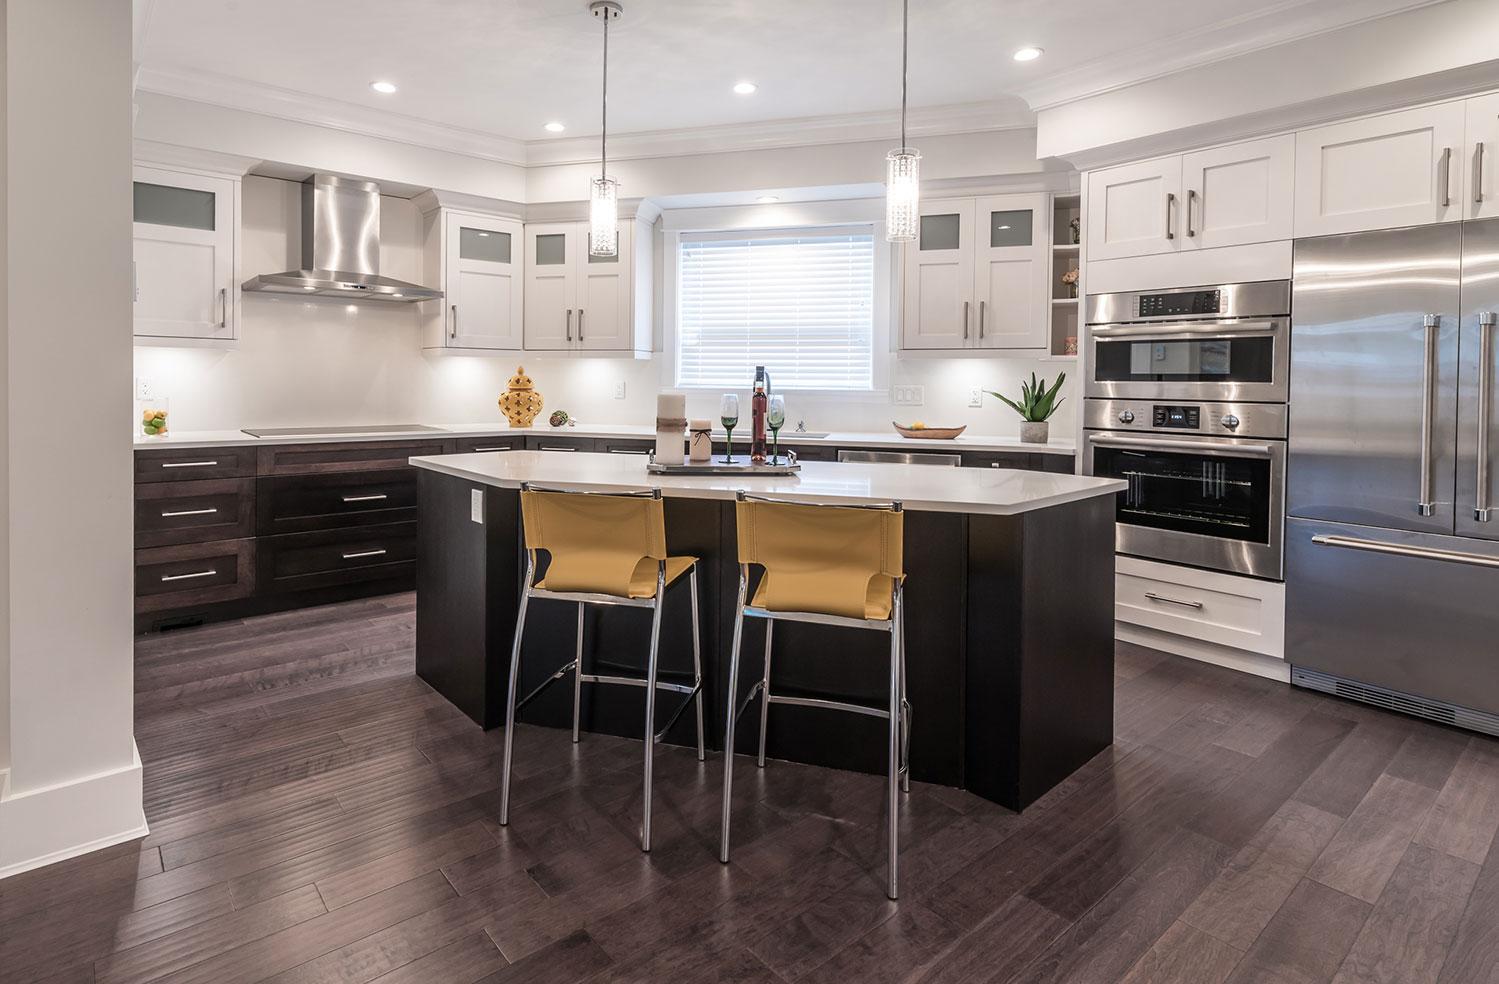 Dark lower, white upper cabinets